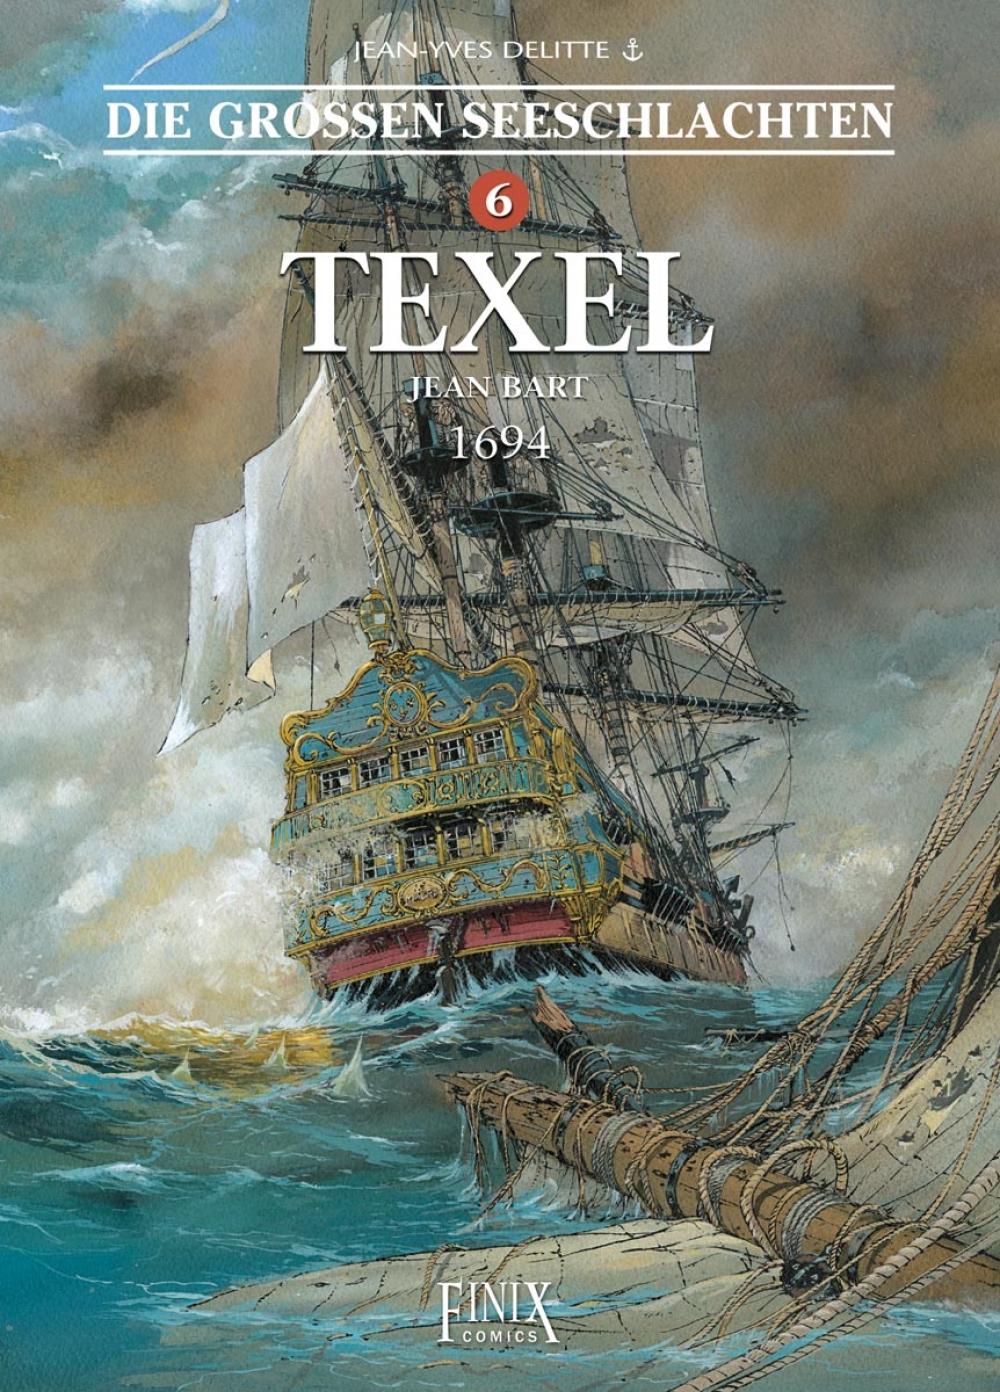 Die großen Seeschlachten 6 : Texel